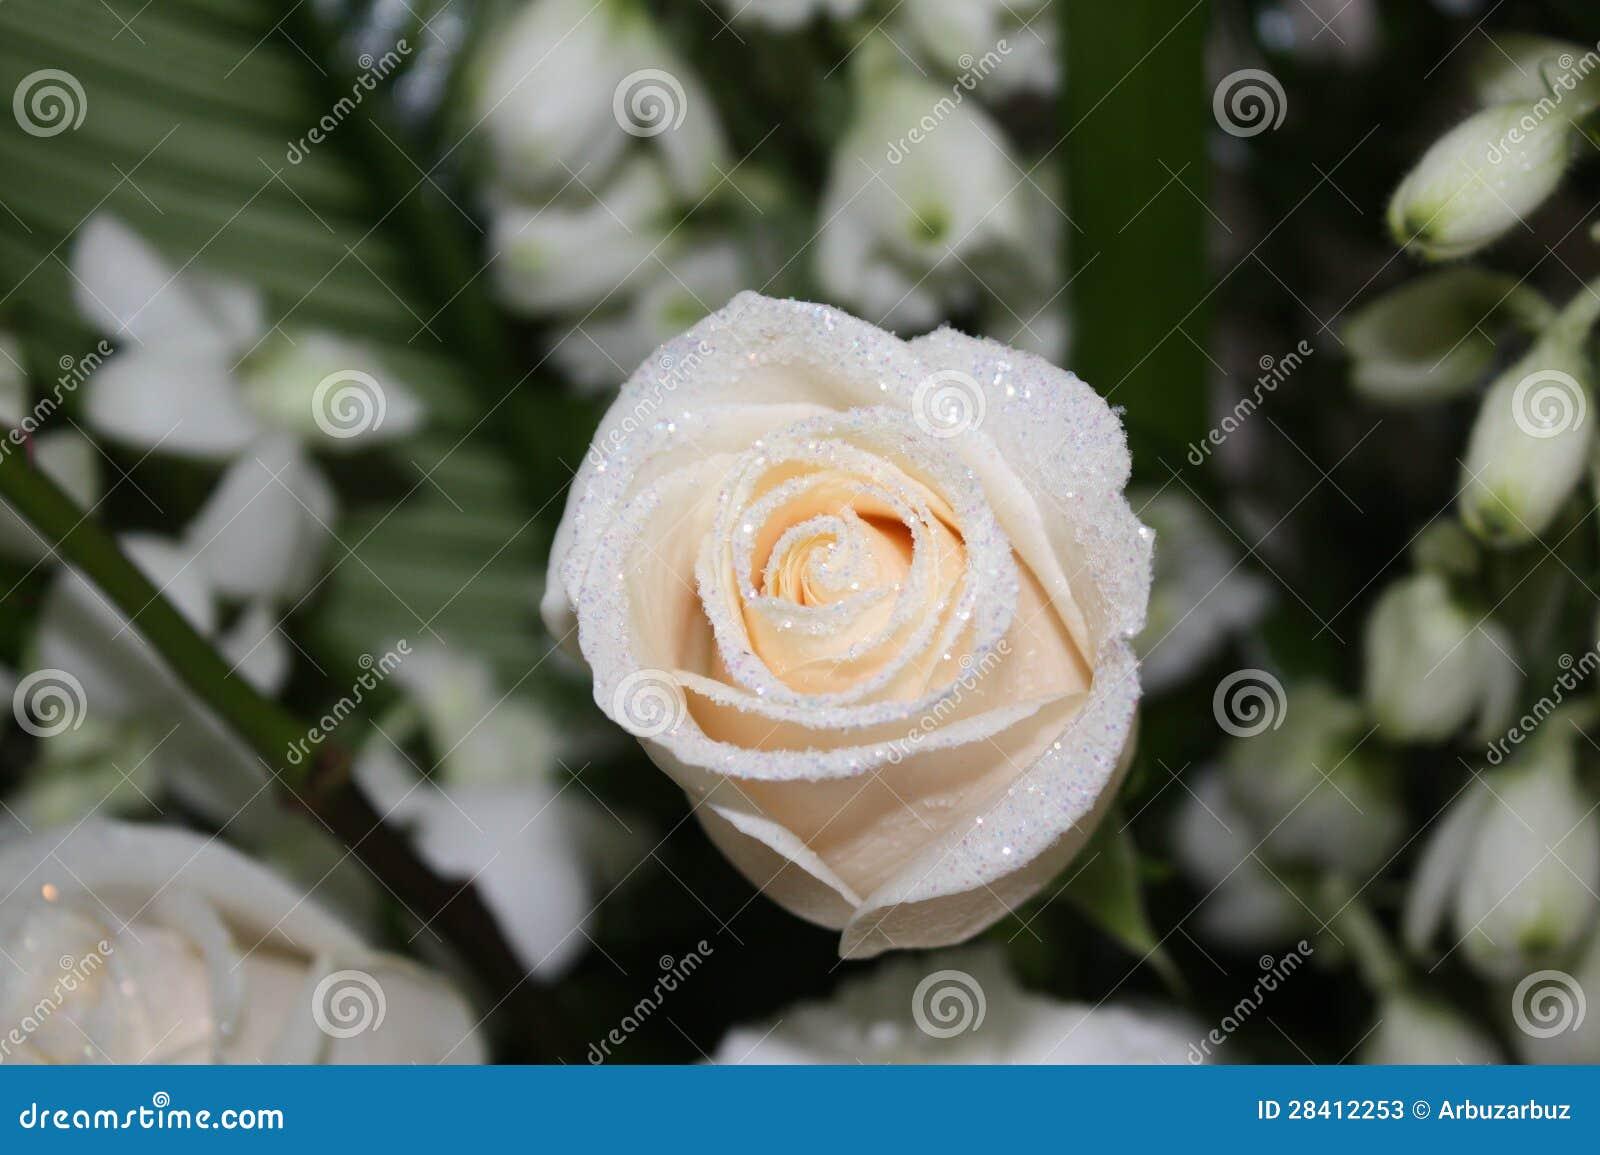 schneewittchen rose stockfotos bild 28412253. Black Bedroom Furniture Sets. Home Design Ideas